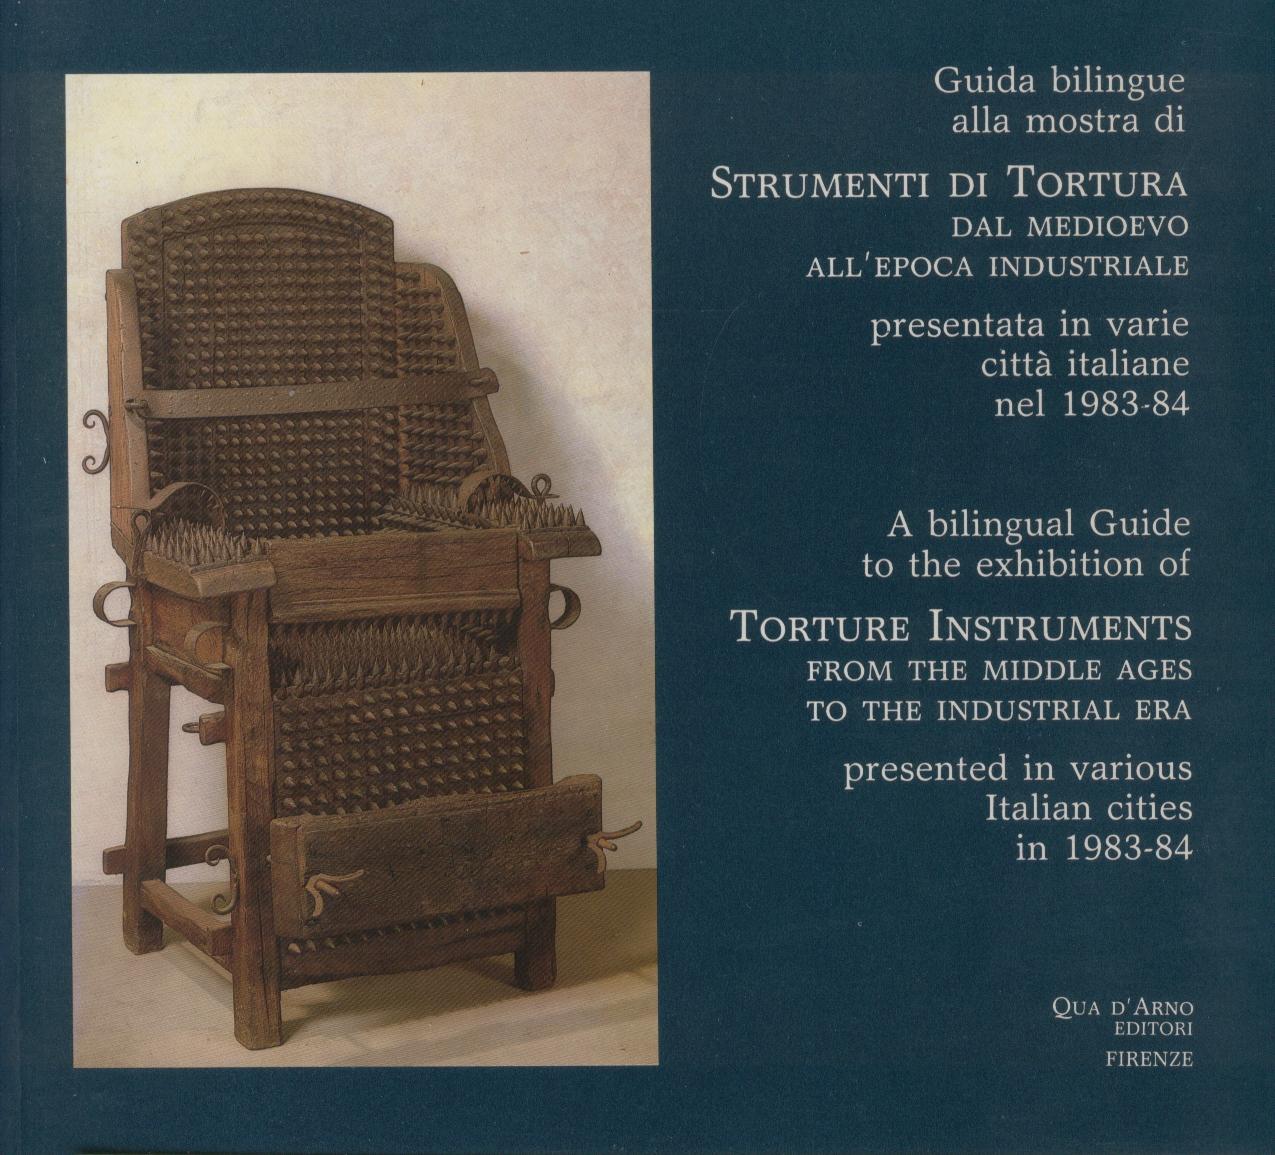 Guida bilingue alla mostra Strumenti di Tortura dal Medioevo all'epoca industriale : Presentata in varie citta italiane nel 1983-84